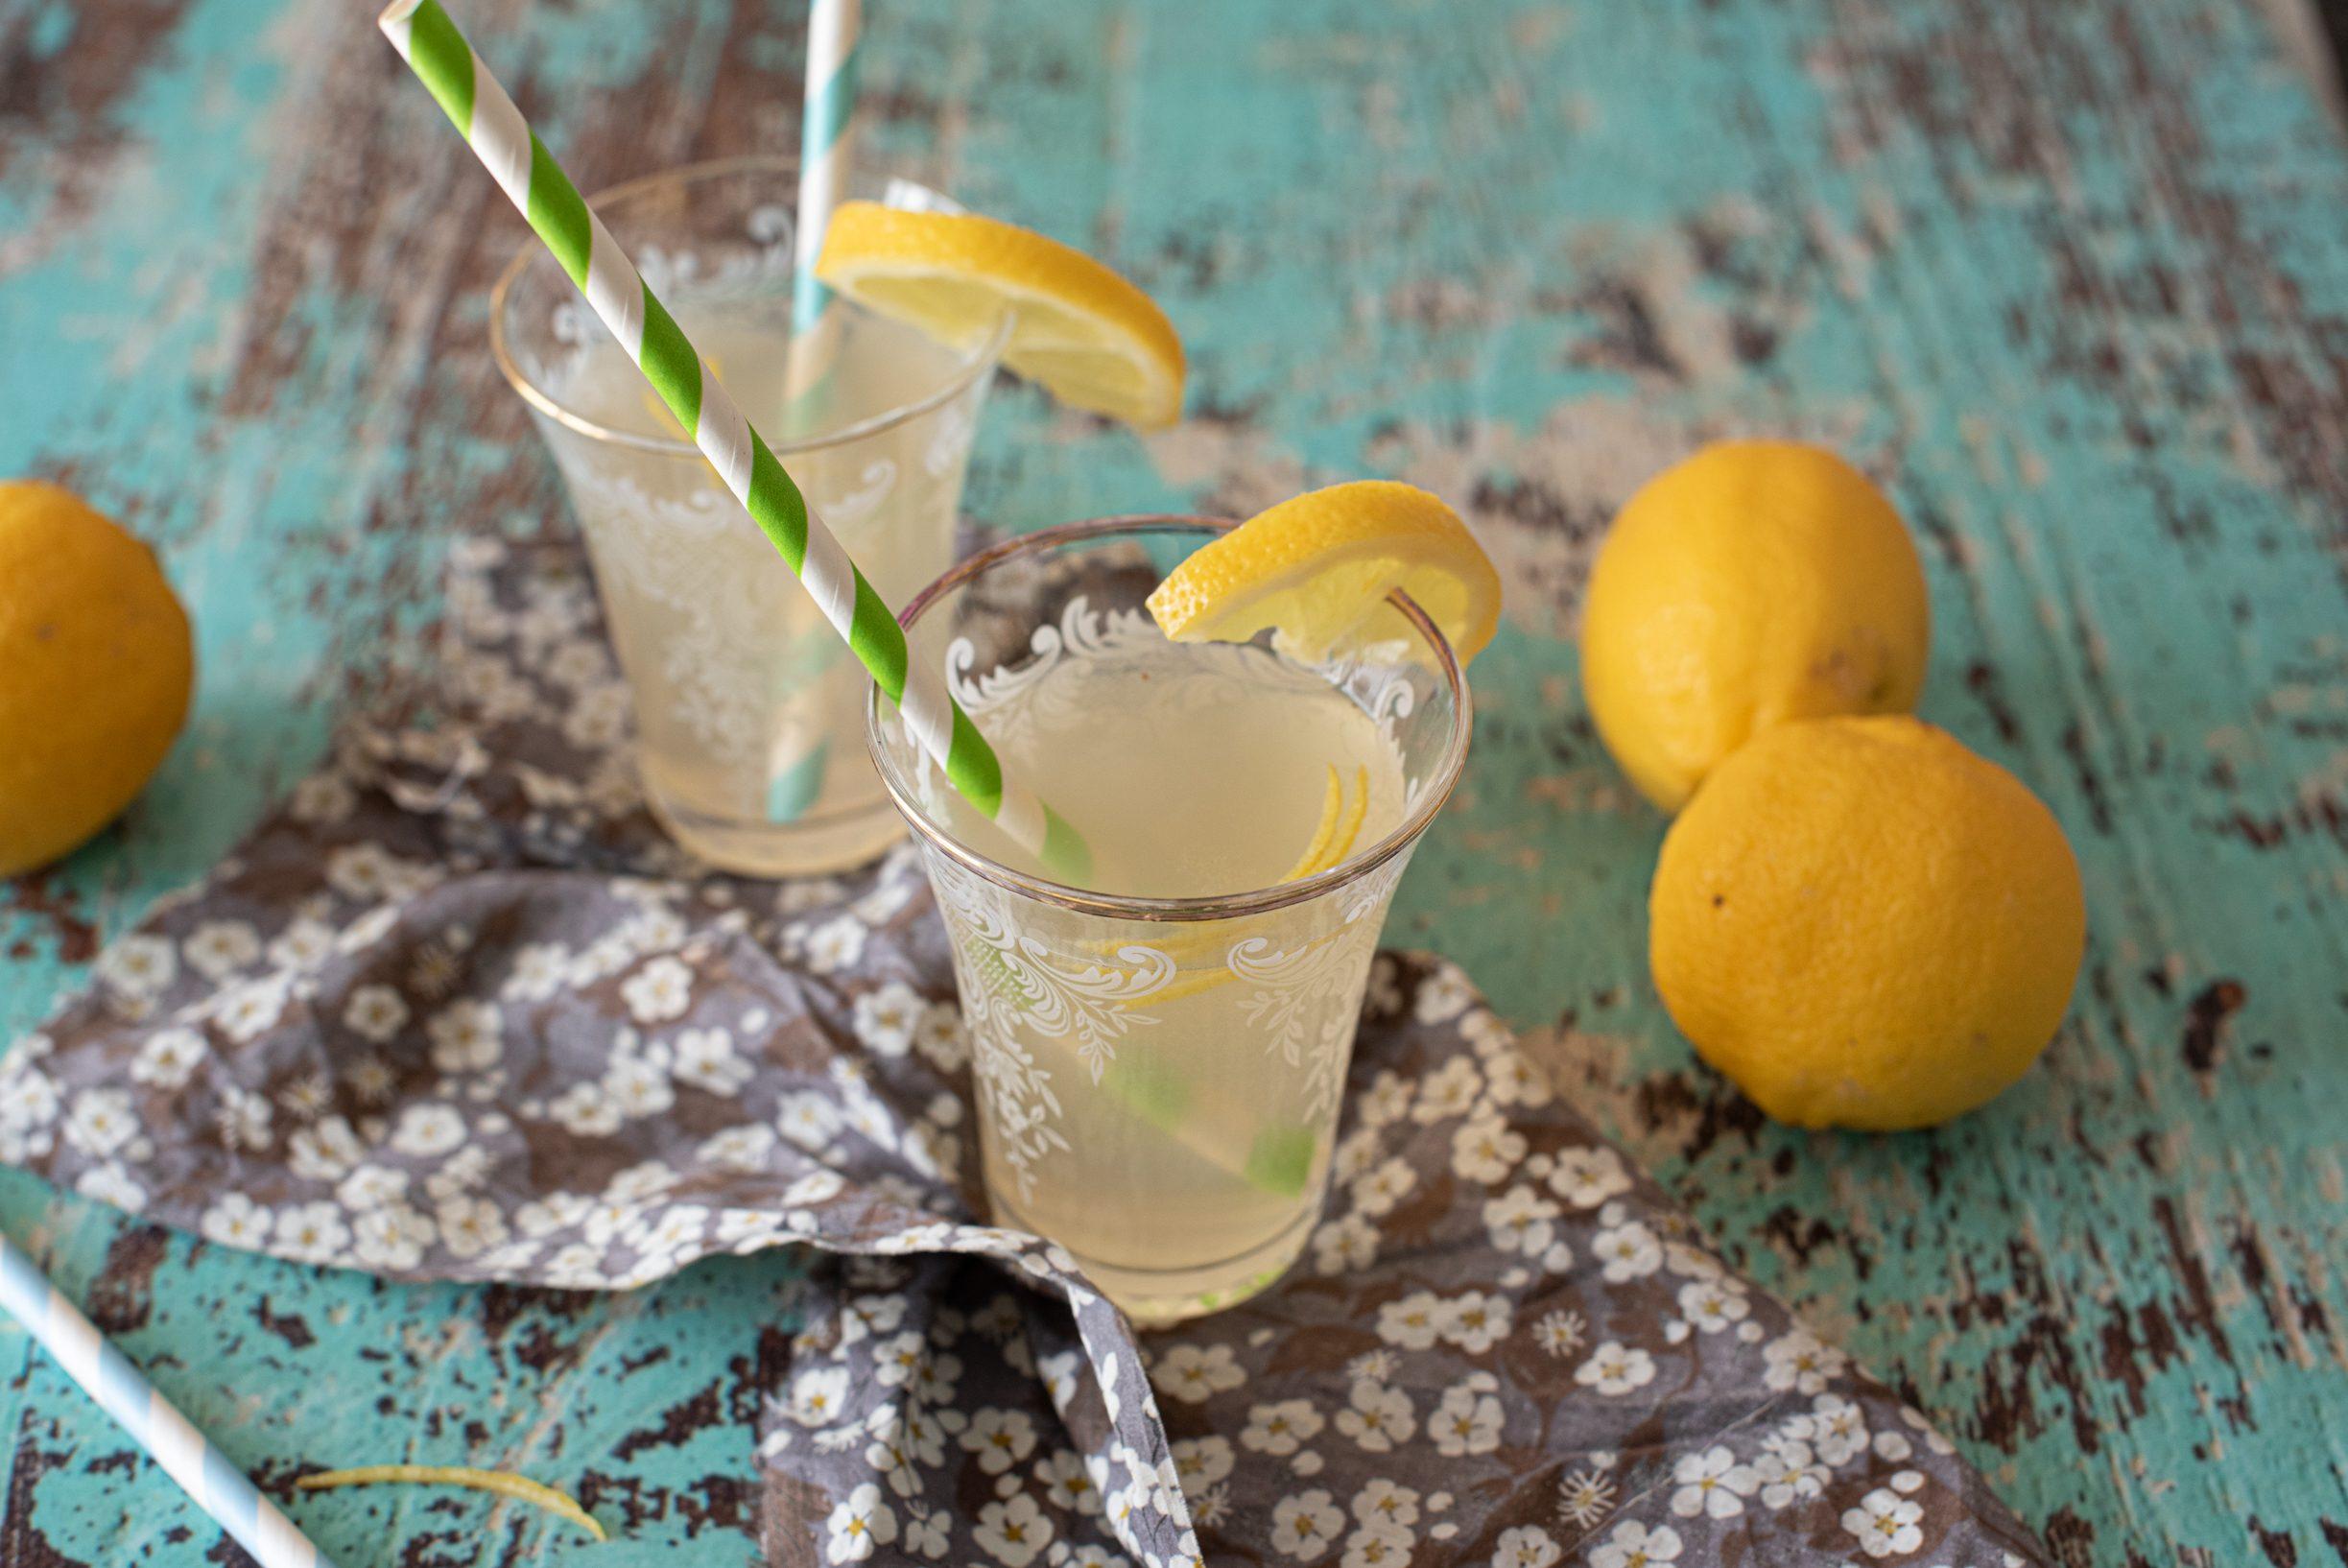 Base per limonata: la ricetta per preparare bevande e dessert rinfrescanti